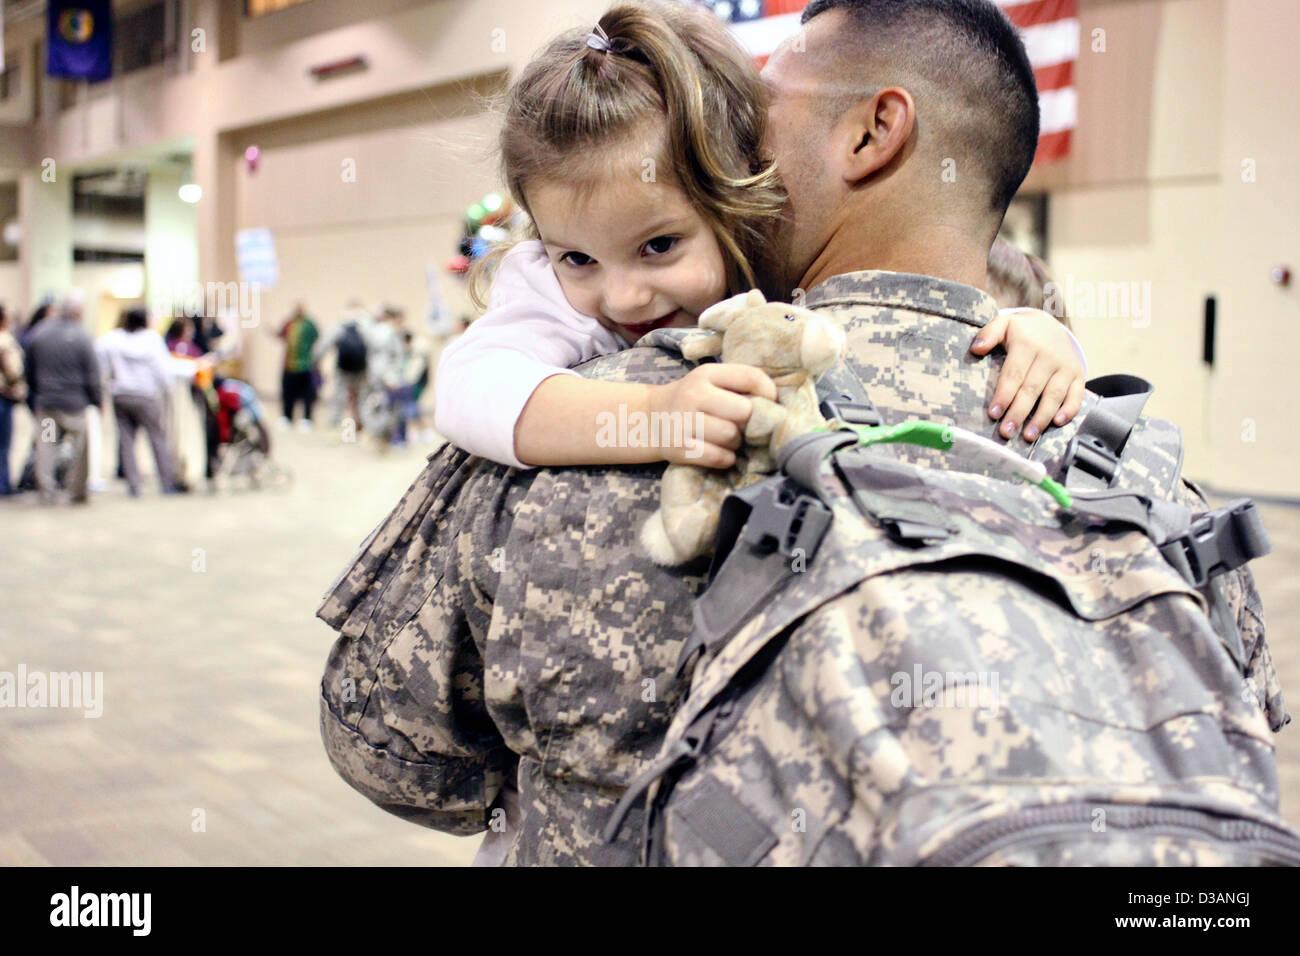 US Army Spc. José Cisneros abraza a su hija Rosalyn tras regresar de un despliegue de nueve meses a Kuwait el 14 de febrero de 2013 en Fort Benning, GA. Más de 300 soldados fueron reunidos con sus familiares y amigos justo a tiempo para celebrar el Día de San Valentín. Foto de stock